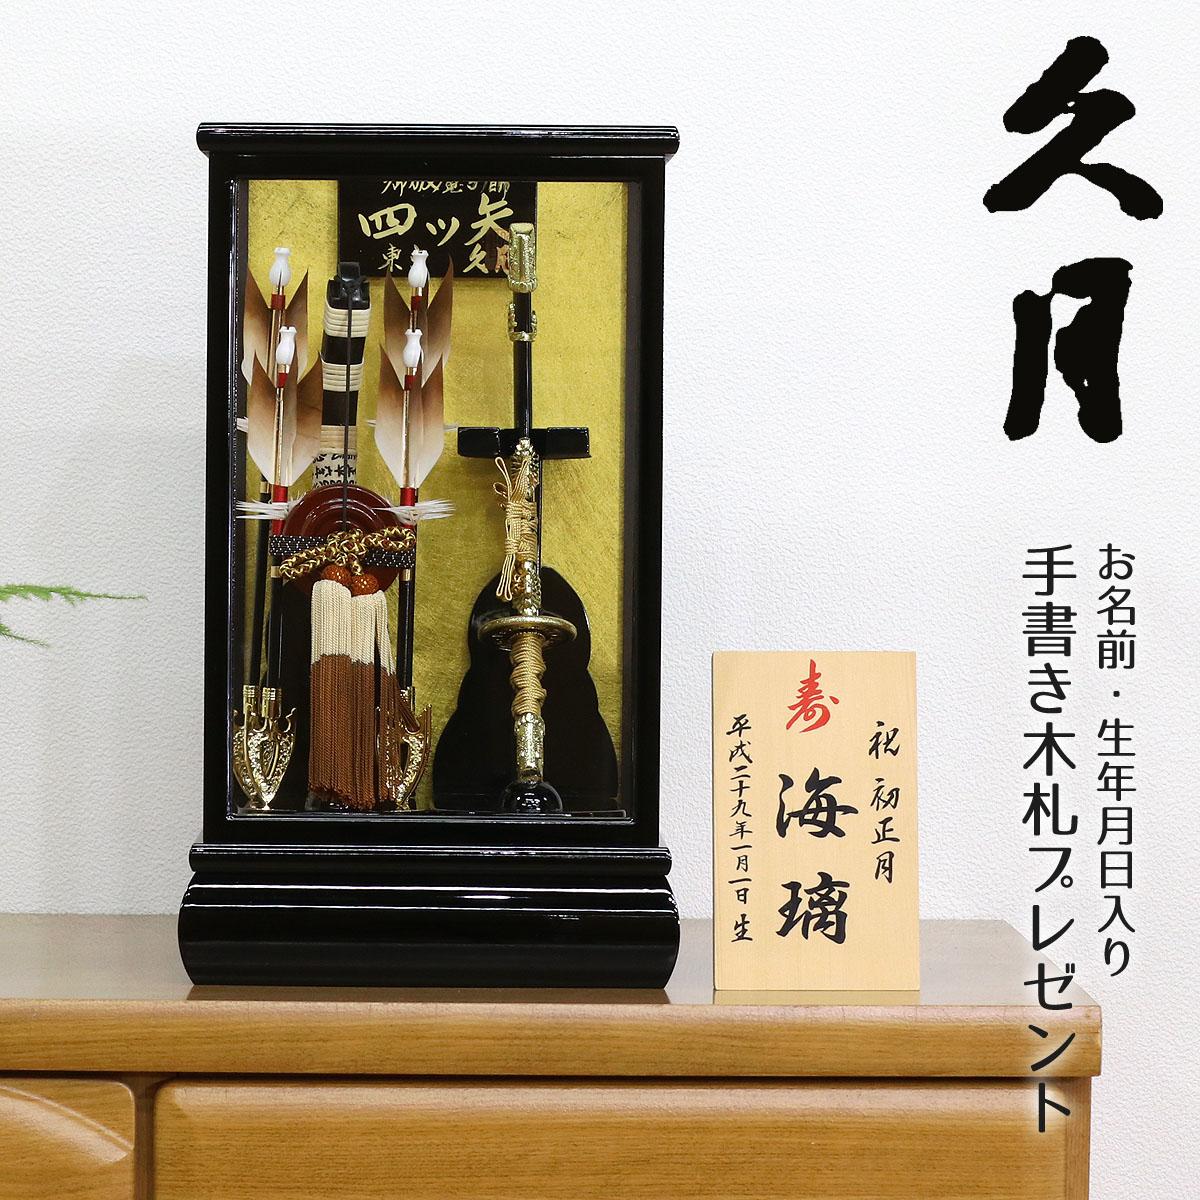 破魔弓 コンパクト ケース飾り 久月 8号 四ツ矢 HMQ-70710866 初正月 破魔矢 久月作